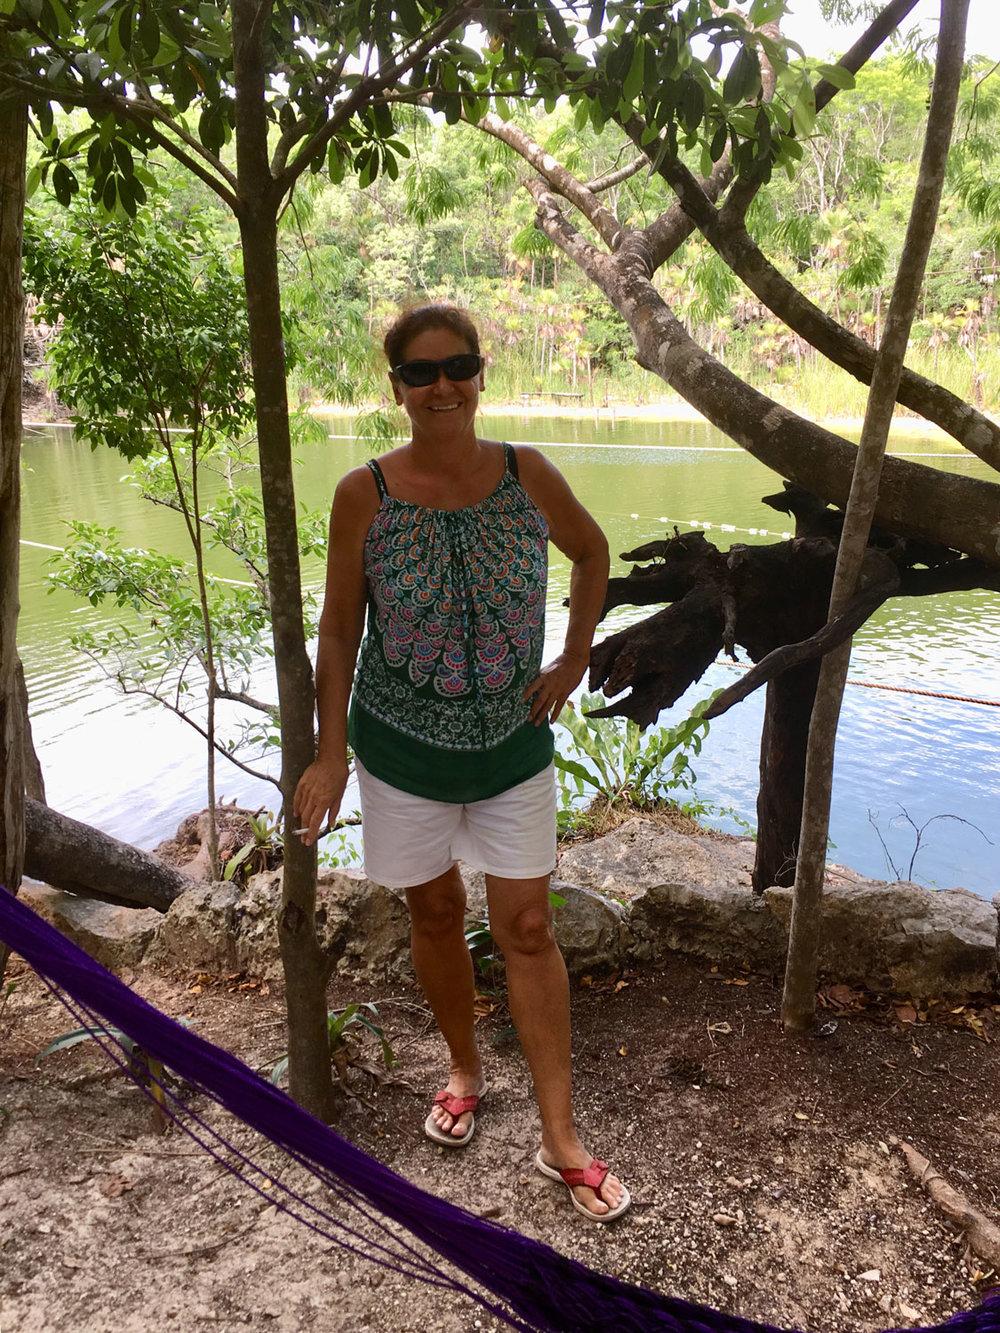 I enjoy the shade under the jungle trees.